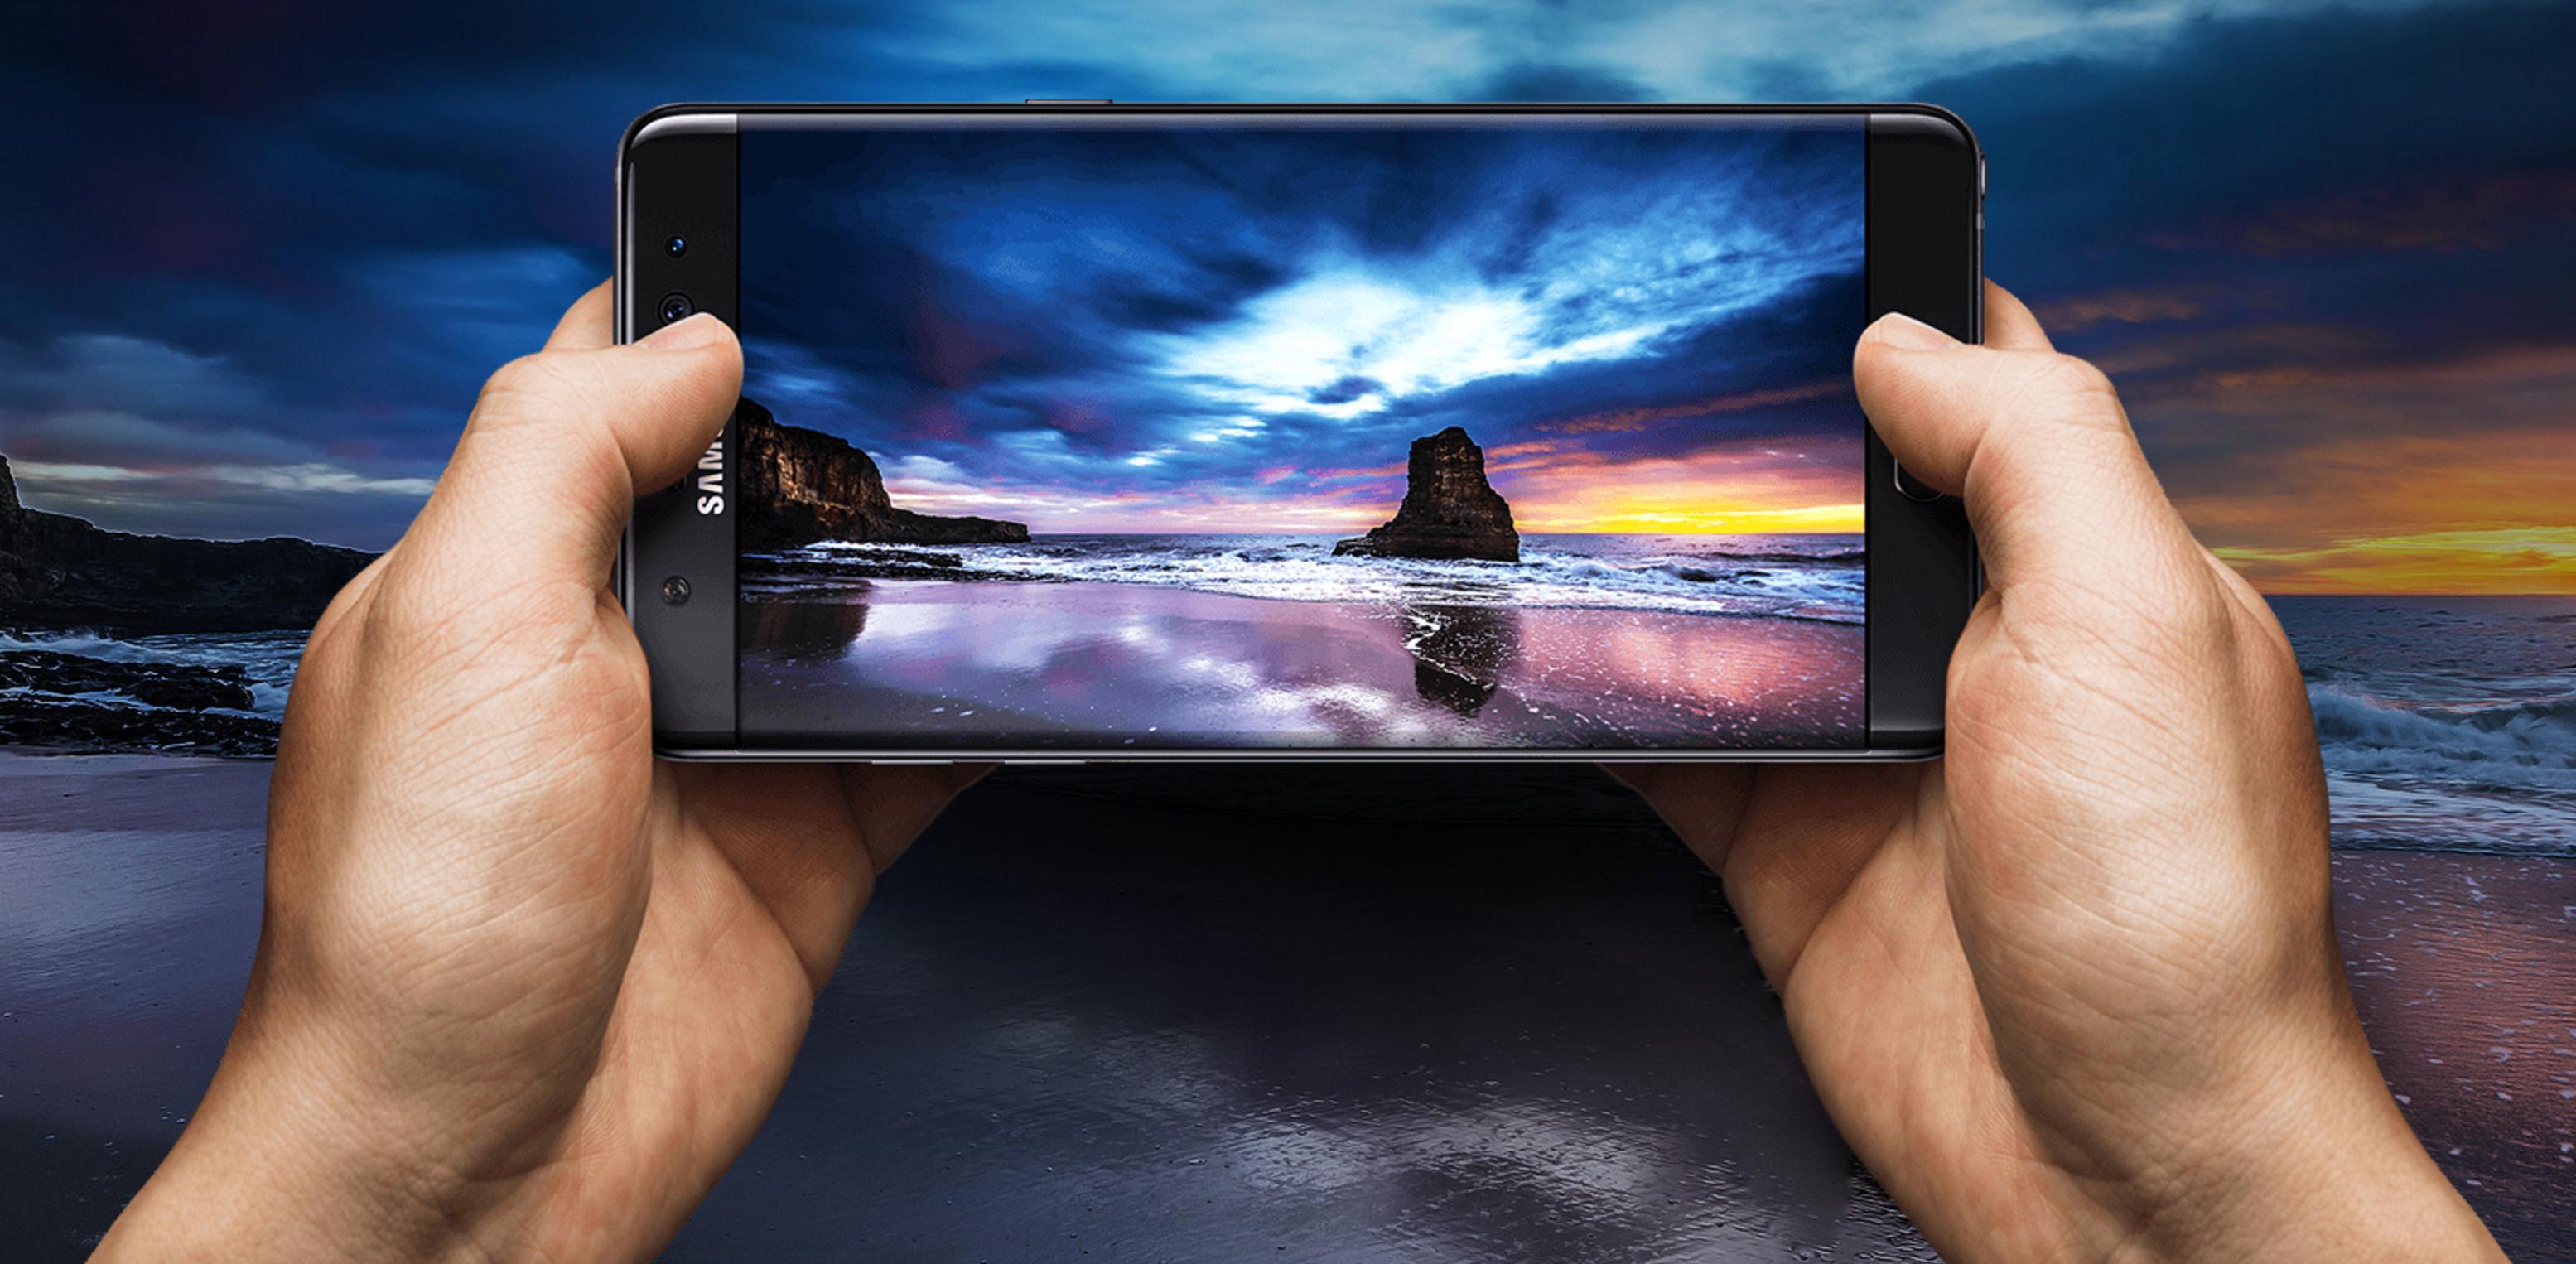 Samsung Galaxy Note 7, Bild: Samsung